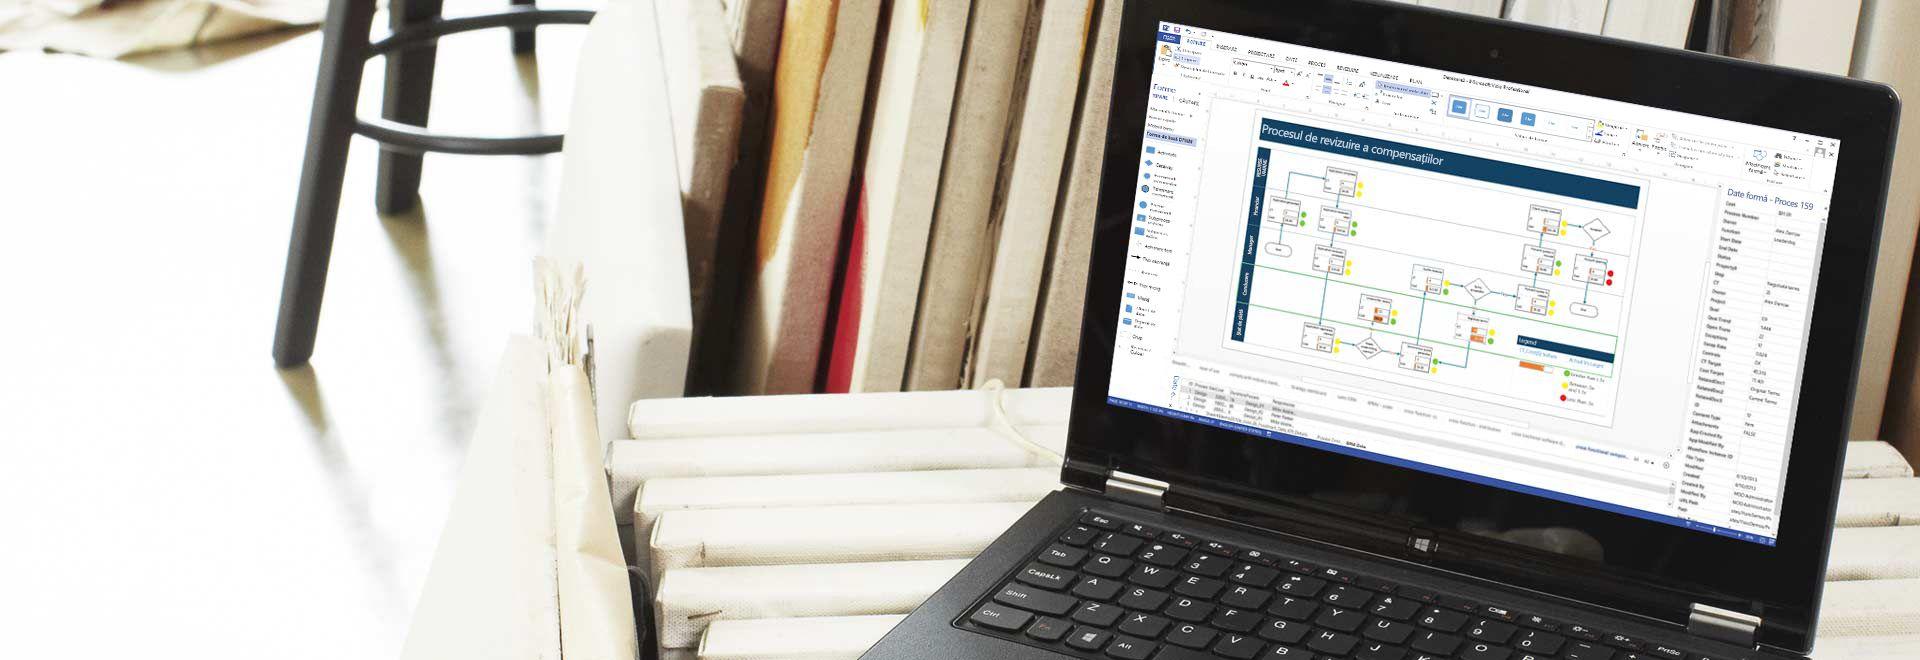 Un laptop ce afișează o diagramă de flux de proces în Visio Pro pentru Office 365